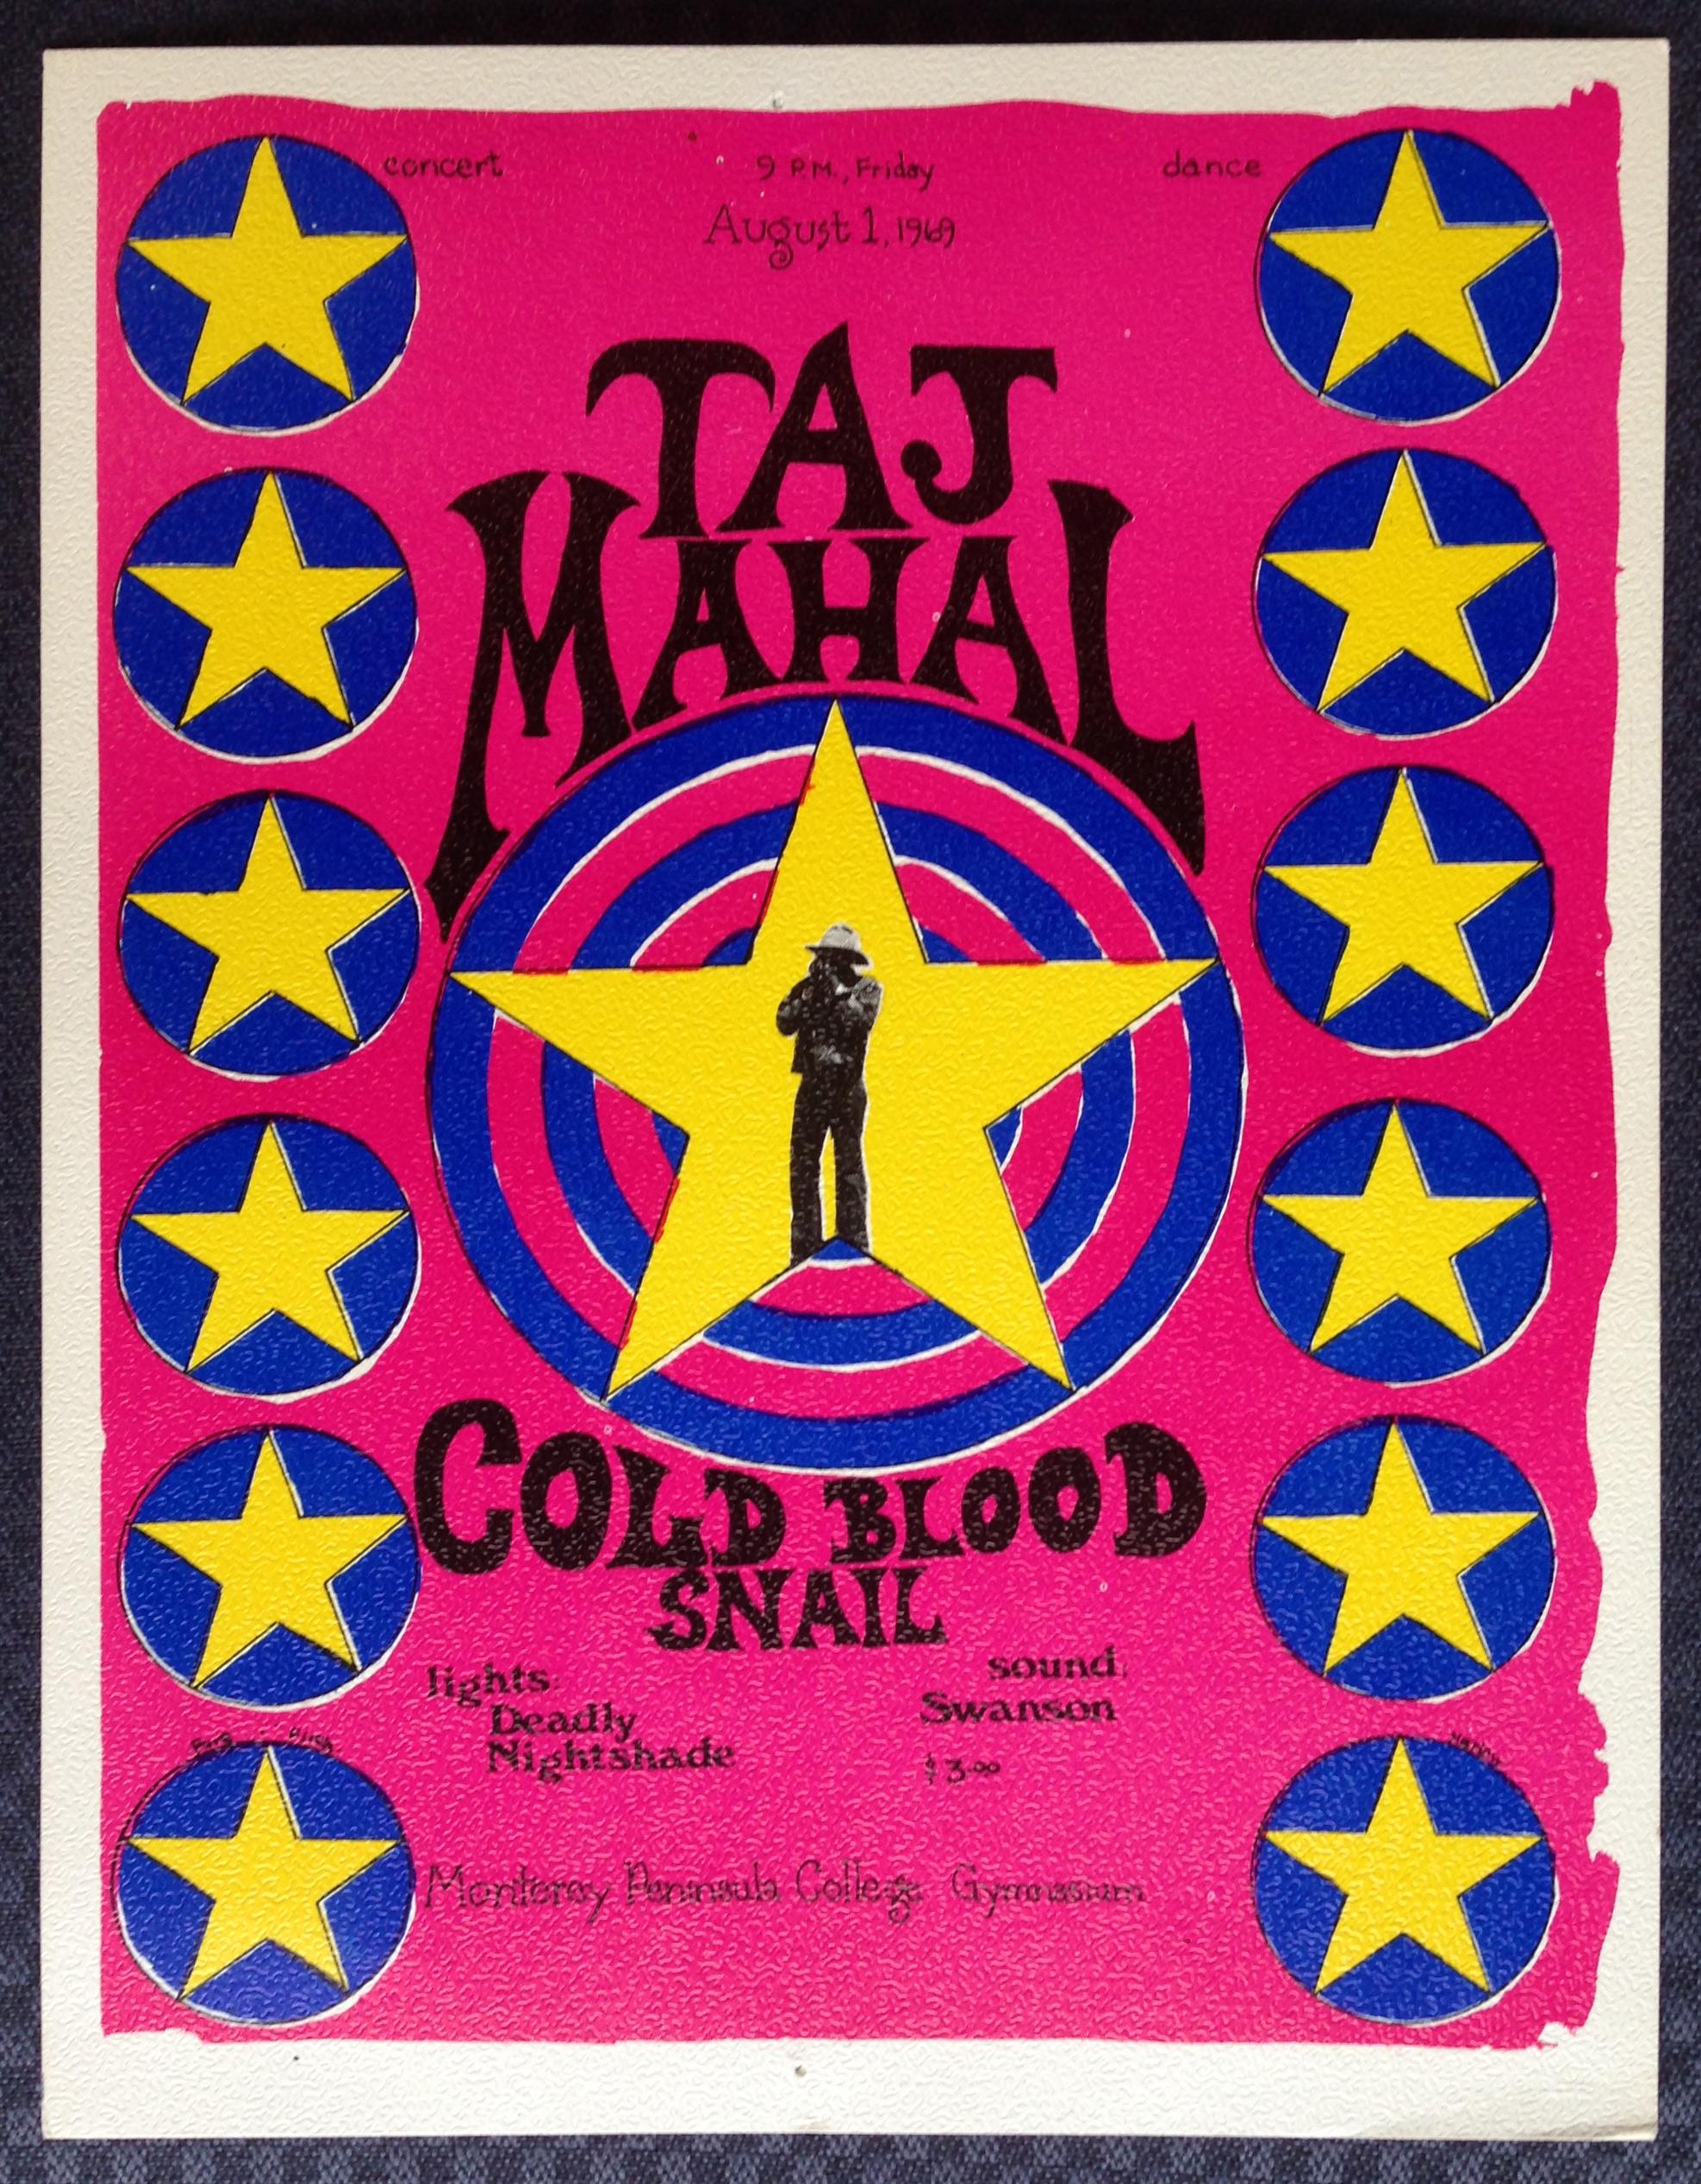 Taj Mahal & Cold Blood Snail